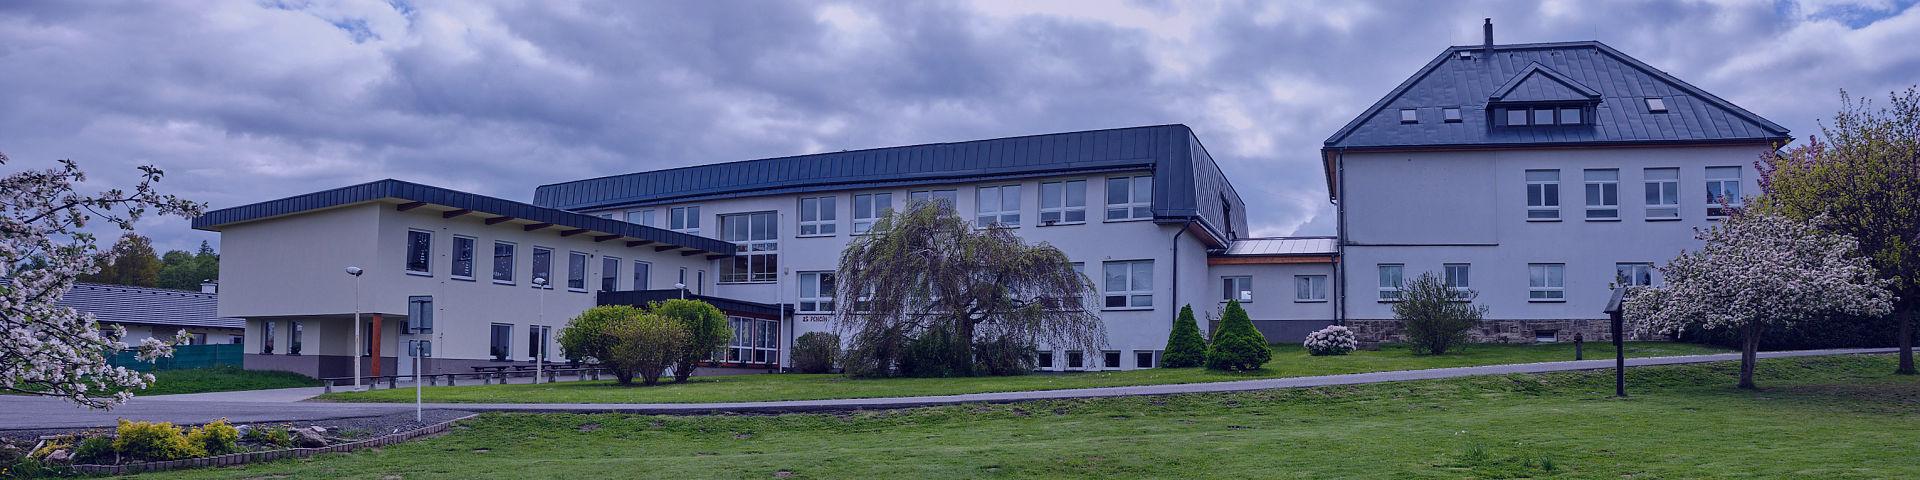 Základní škola Pěnčín